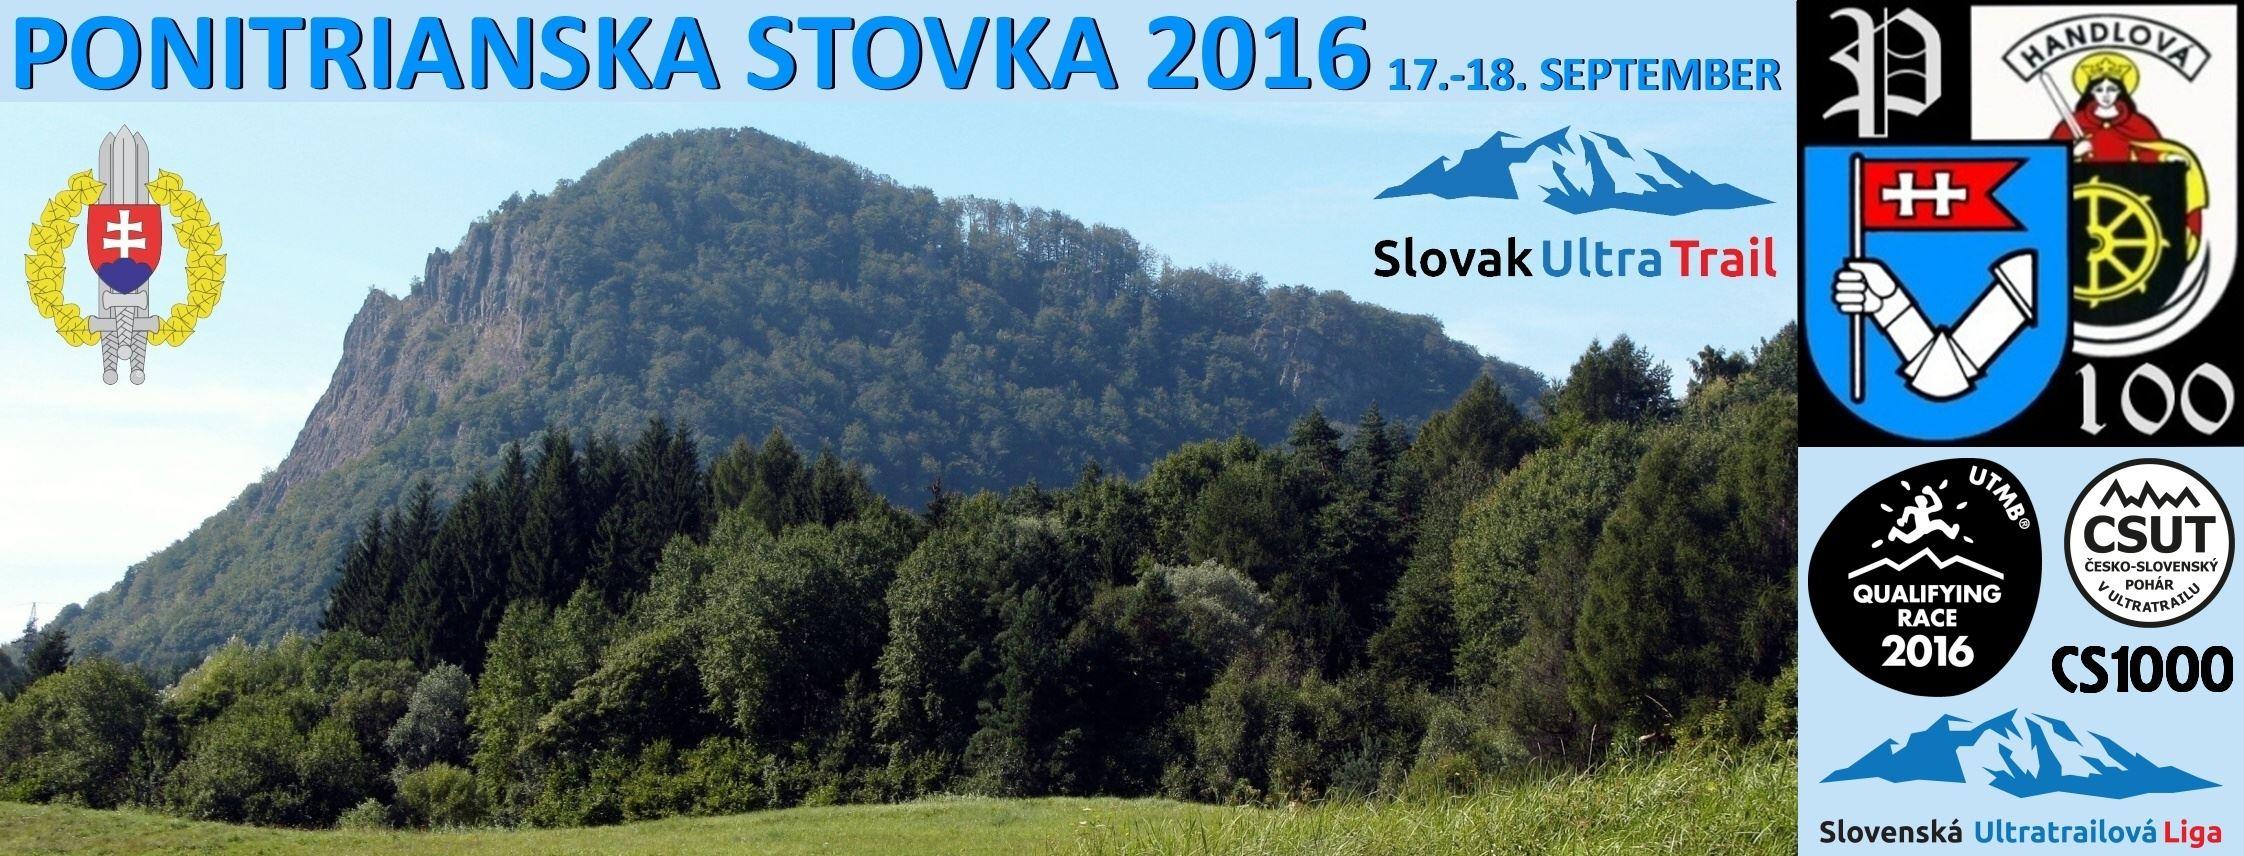 Expresky z hôr 28 - Ponitrianska stovka 2016, zdroj: ponitrianska100.sk